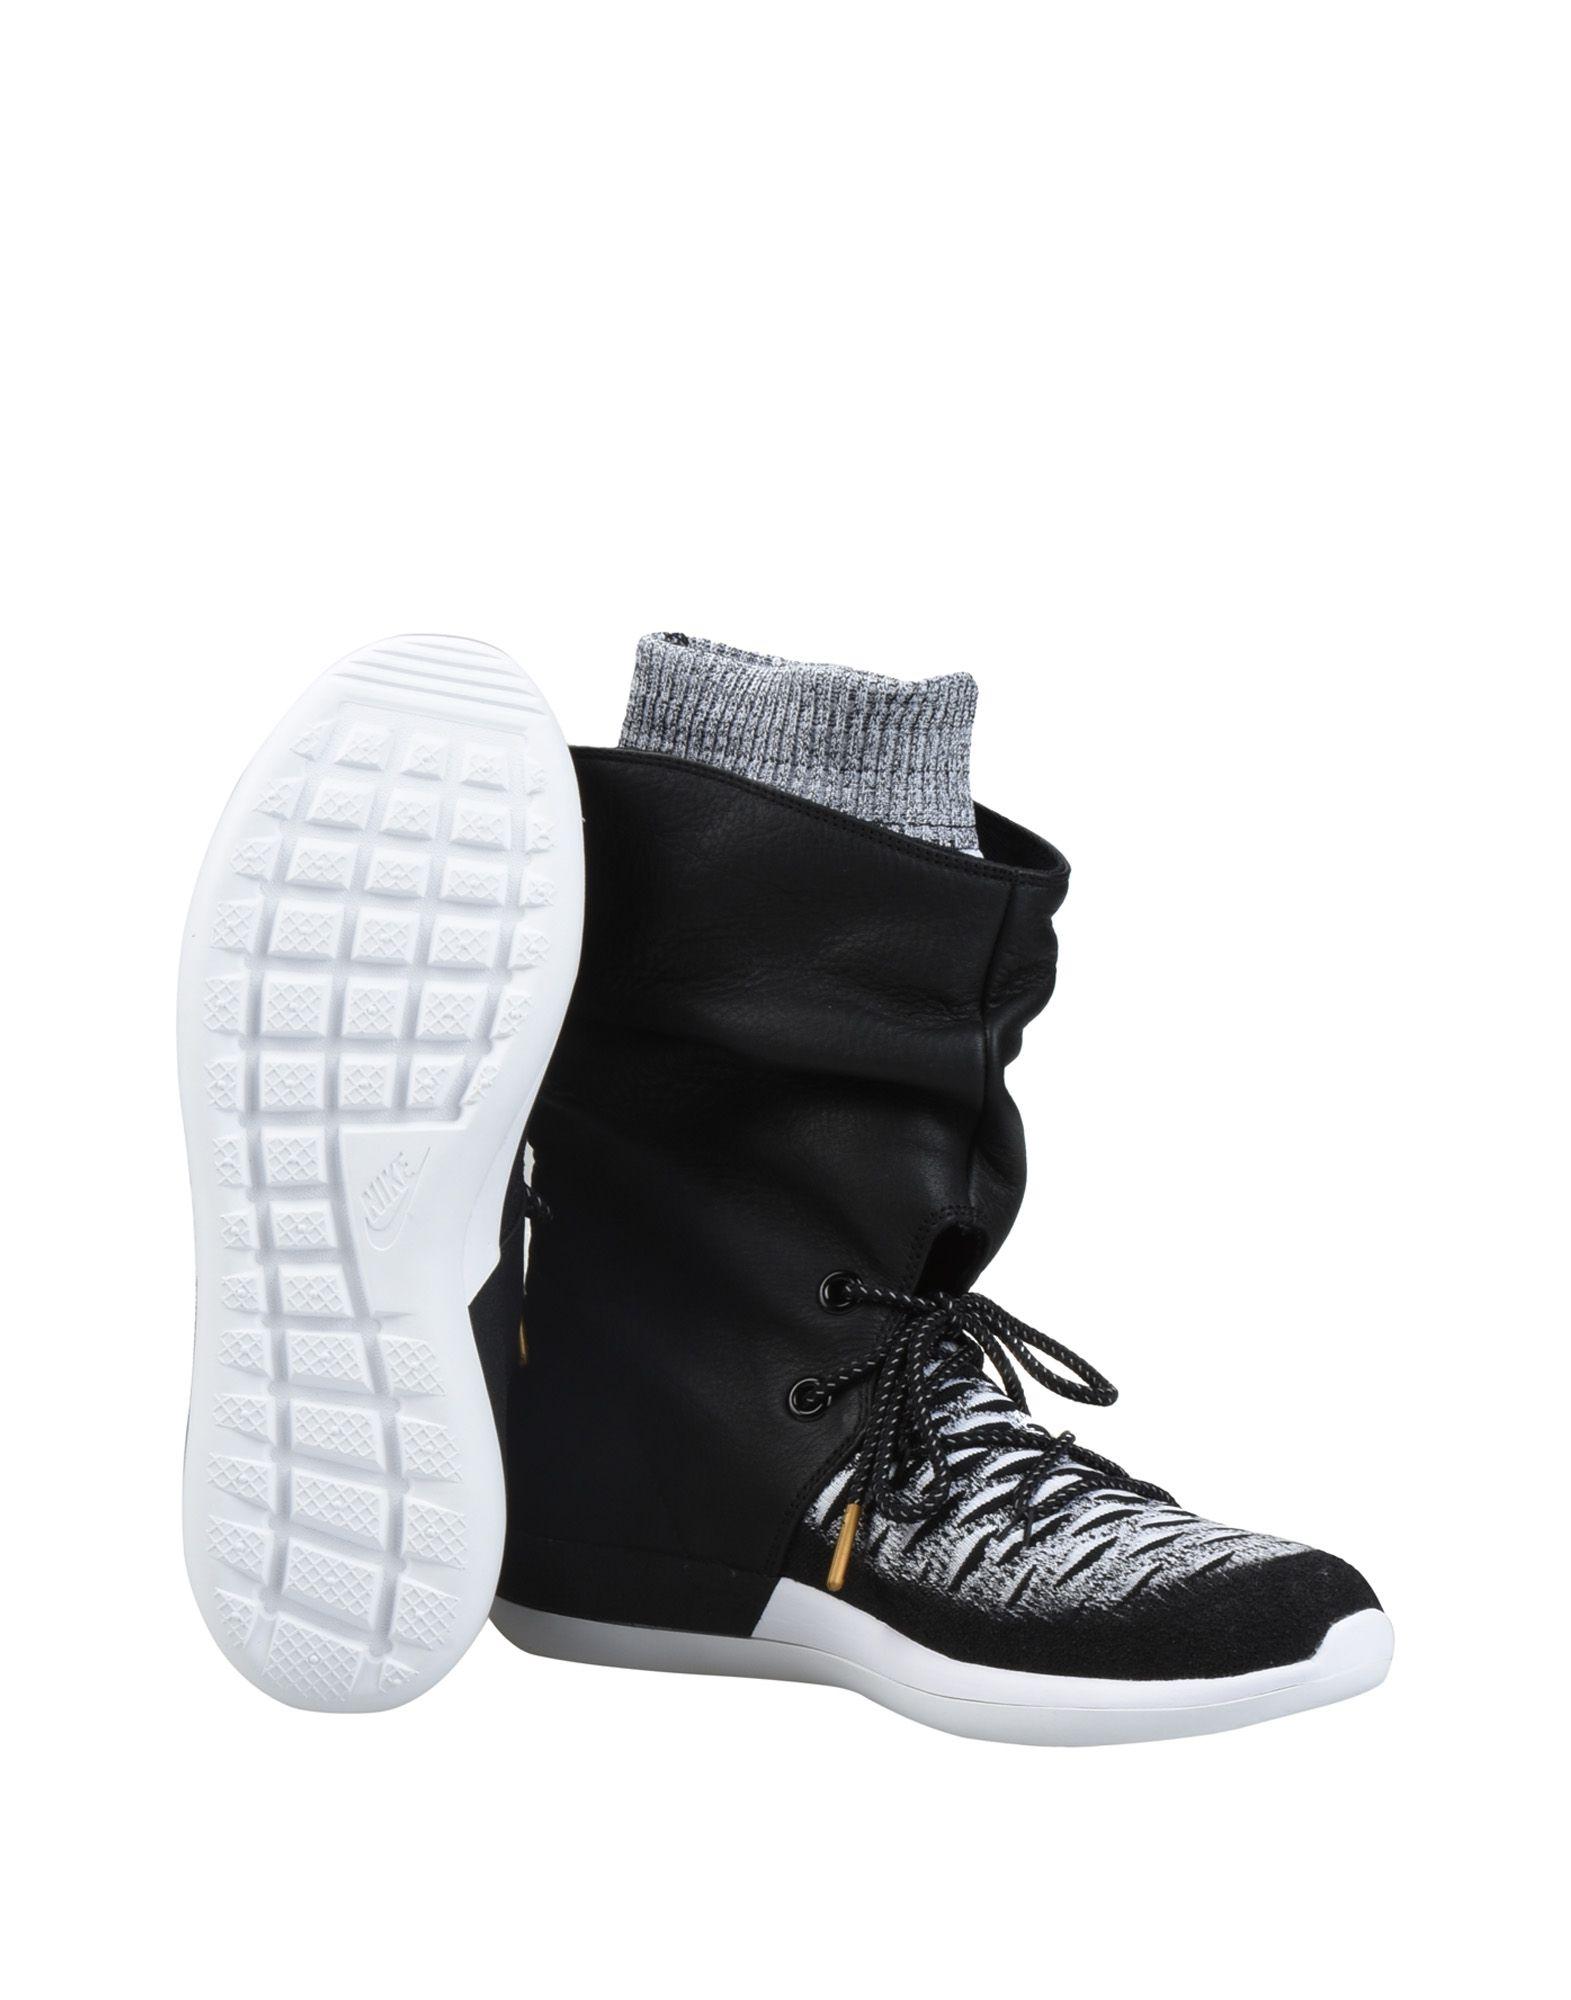 Nike W Preis-Leistungs-Verhältnis, Roshe Two Hi Flyknit Gutes Preis-Leistungs-Verhältnis, W es lohnt sich 2b8c23